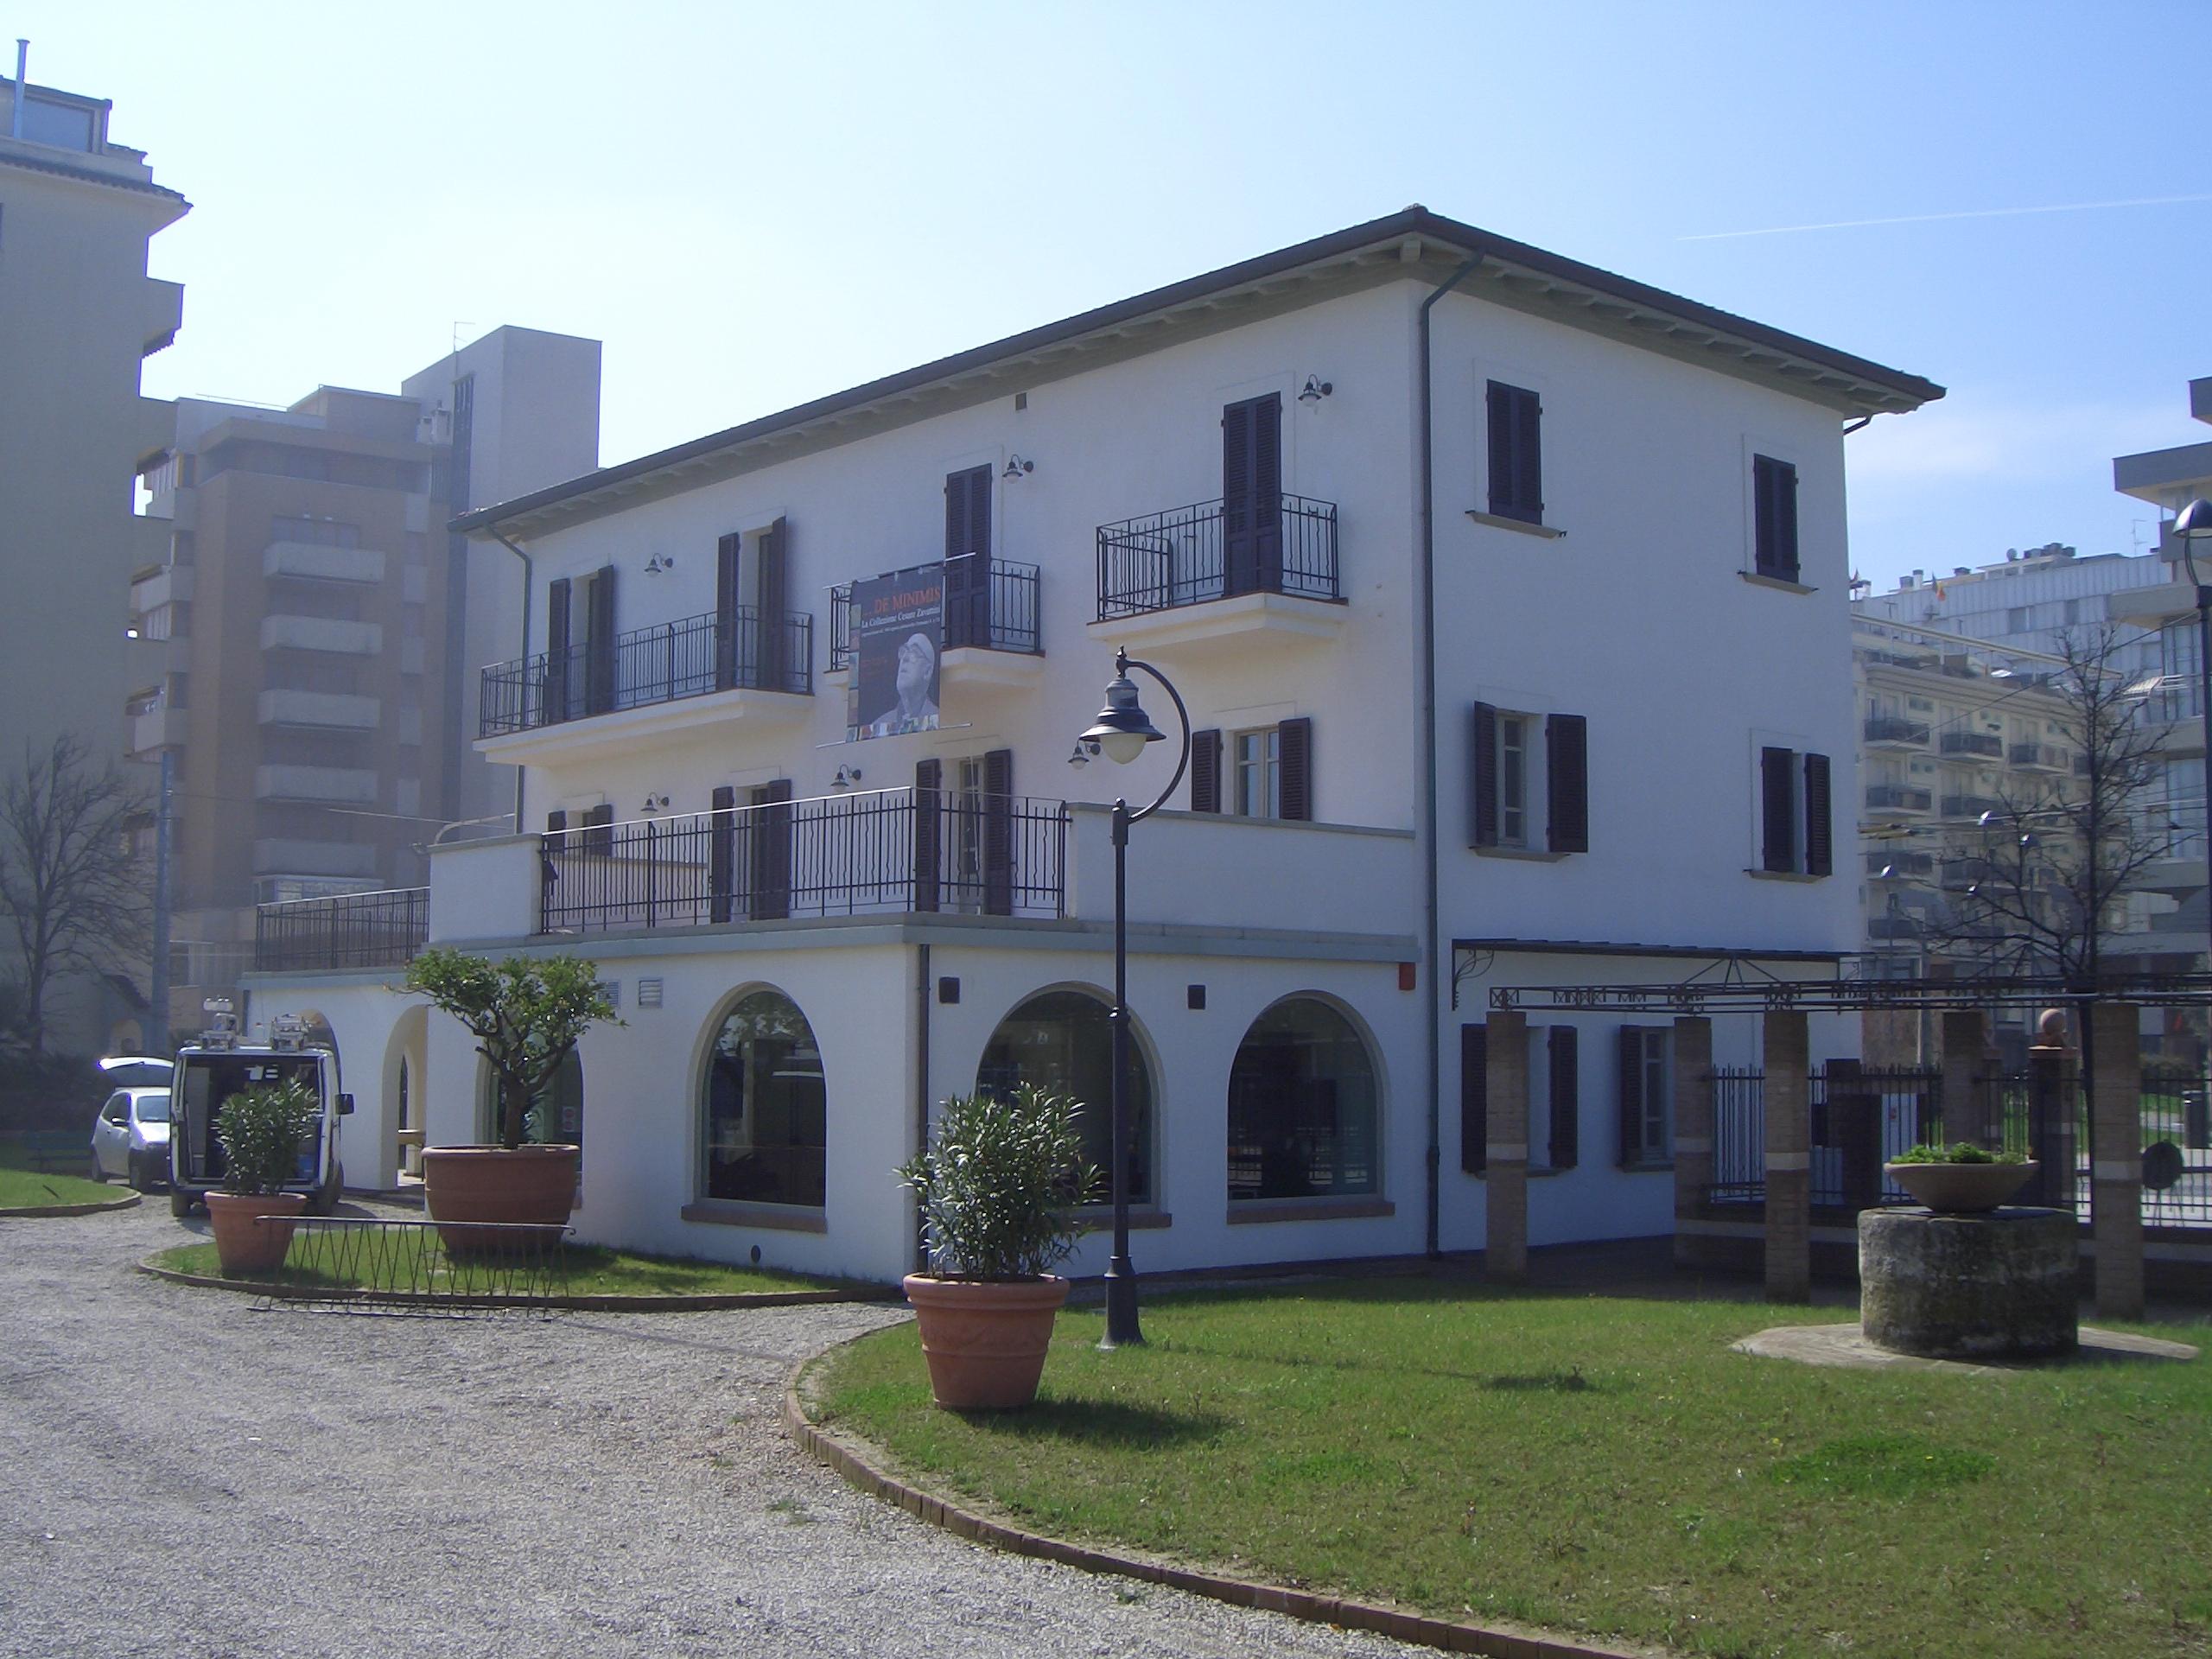 Riccione_villa_mussolini.jpg?1518711646